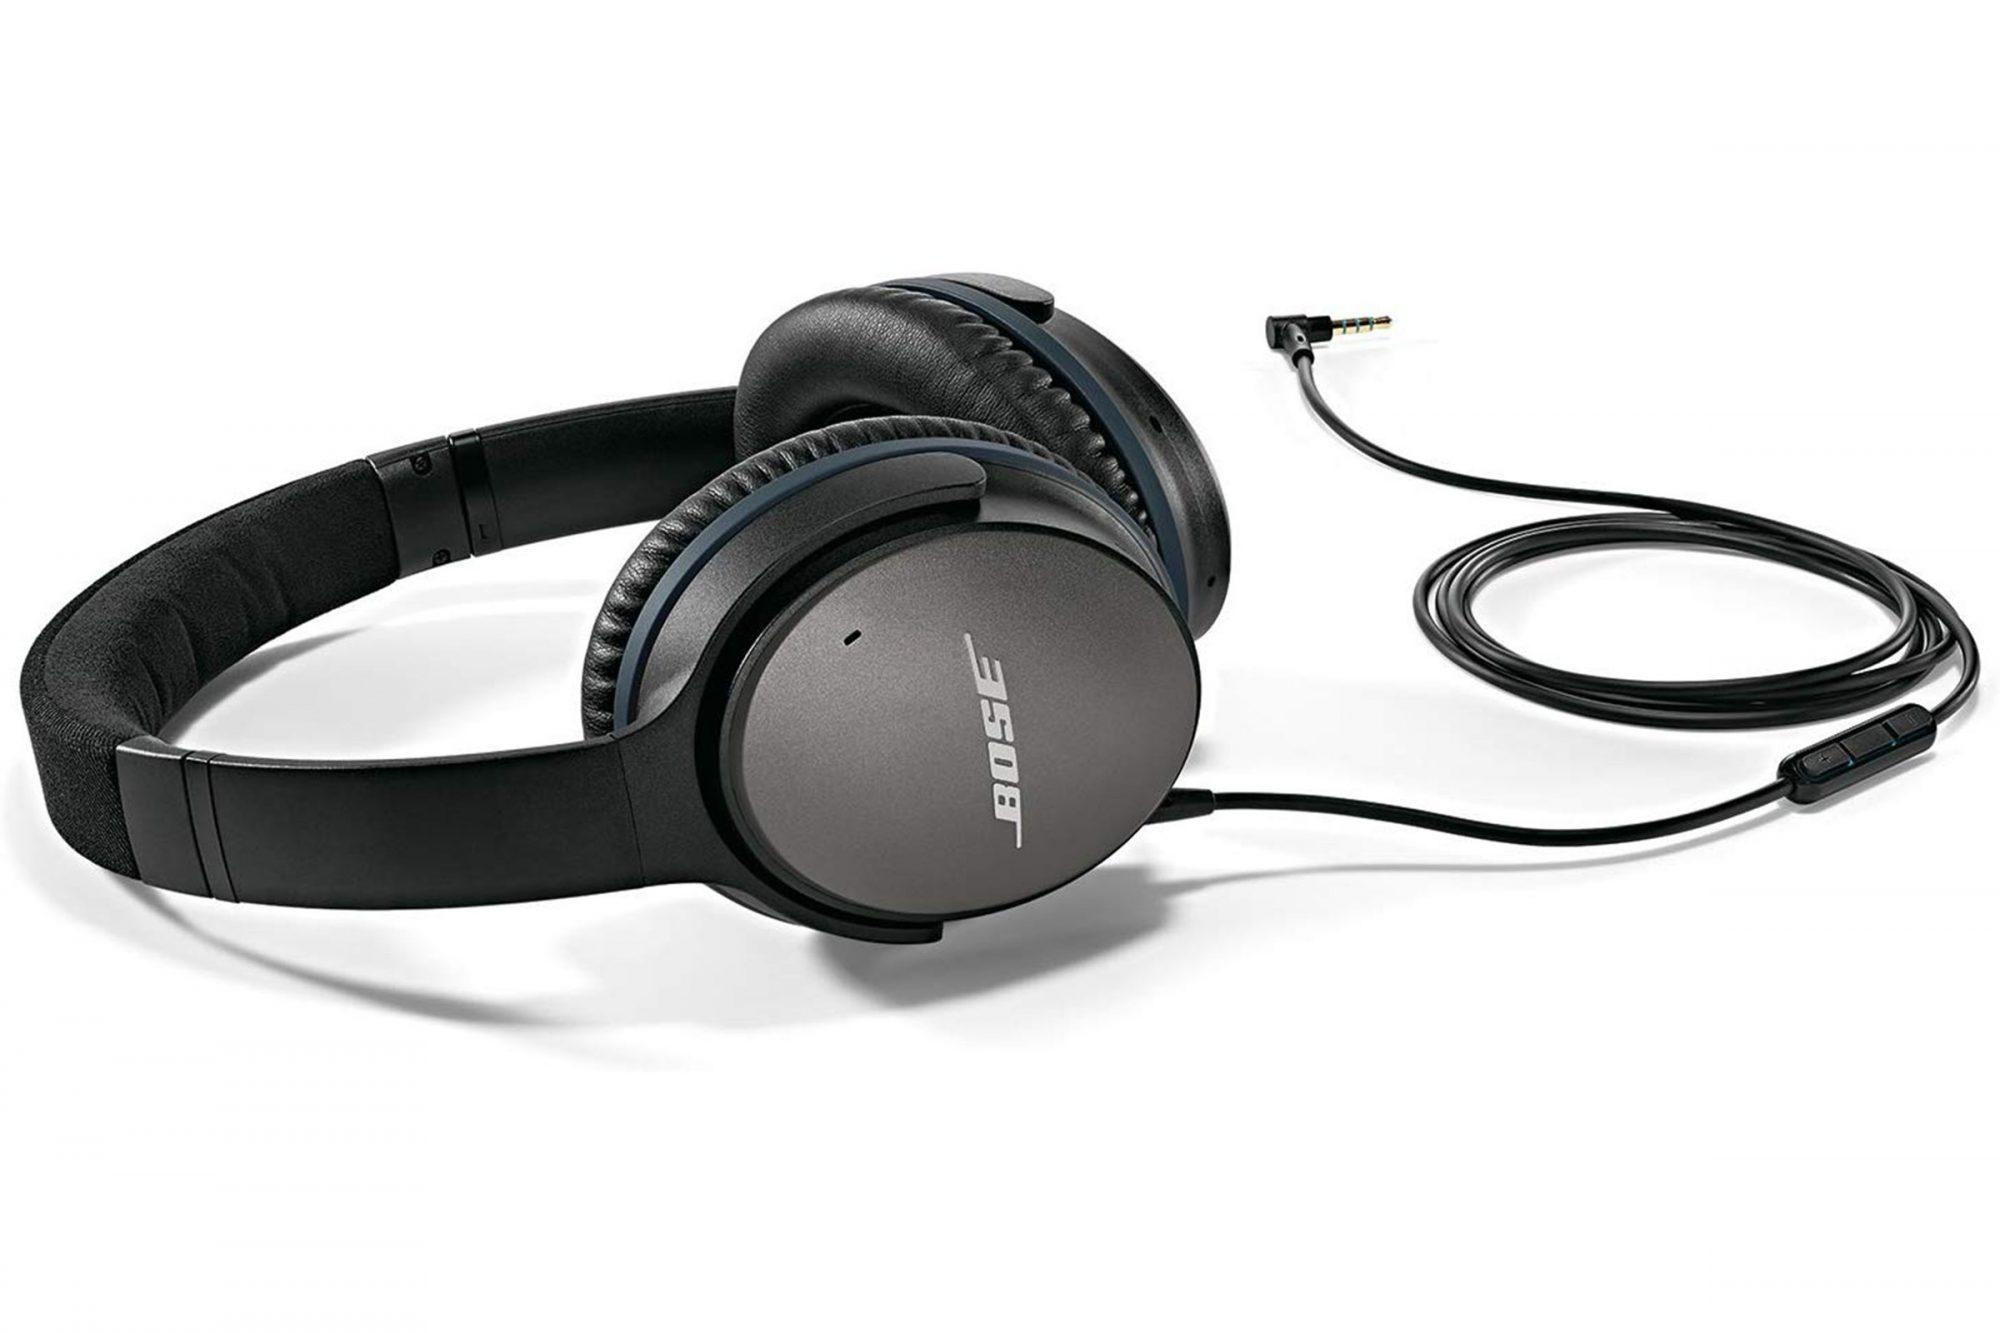 Bose-3